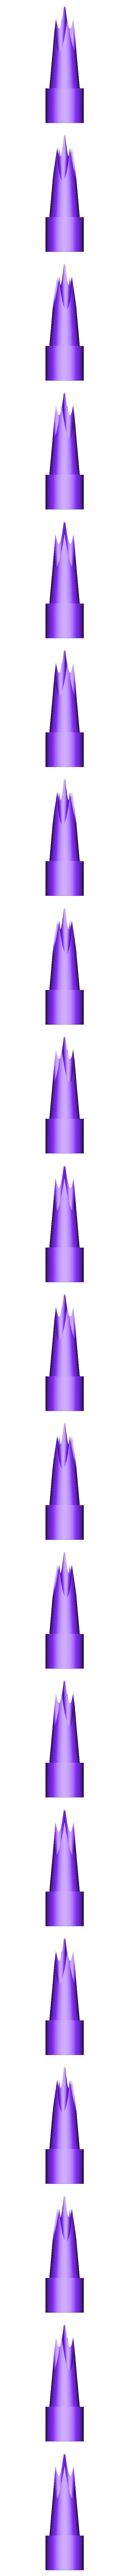 Autoplanteur 1 v4.stl Télécharger fichier STL gratuit Bouteille d'arrosage automatique Autoplanter • Modèle imprimable en 3D, orion-daoc